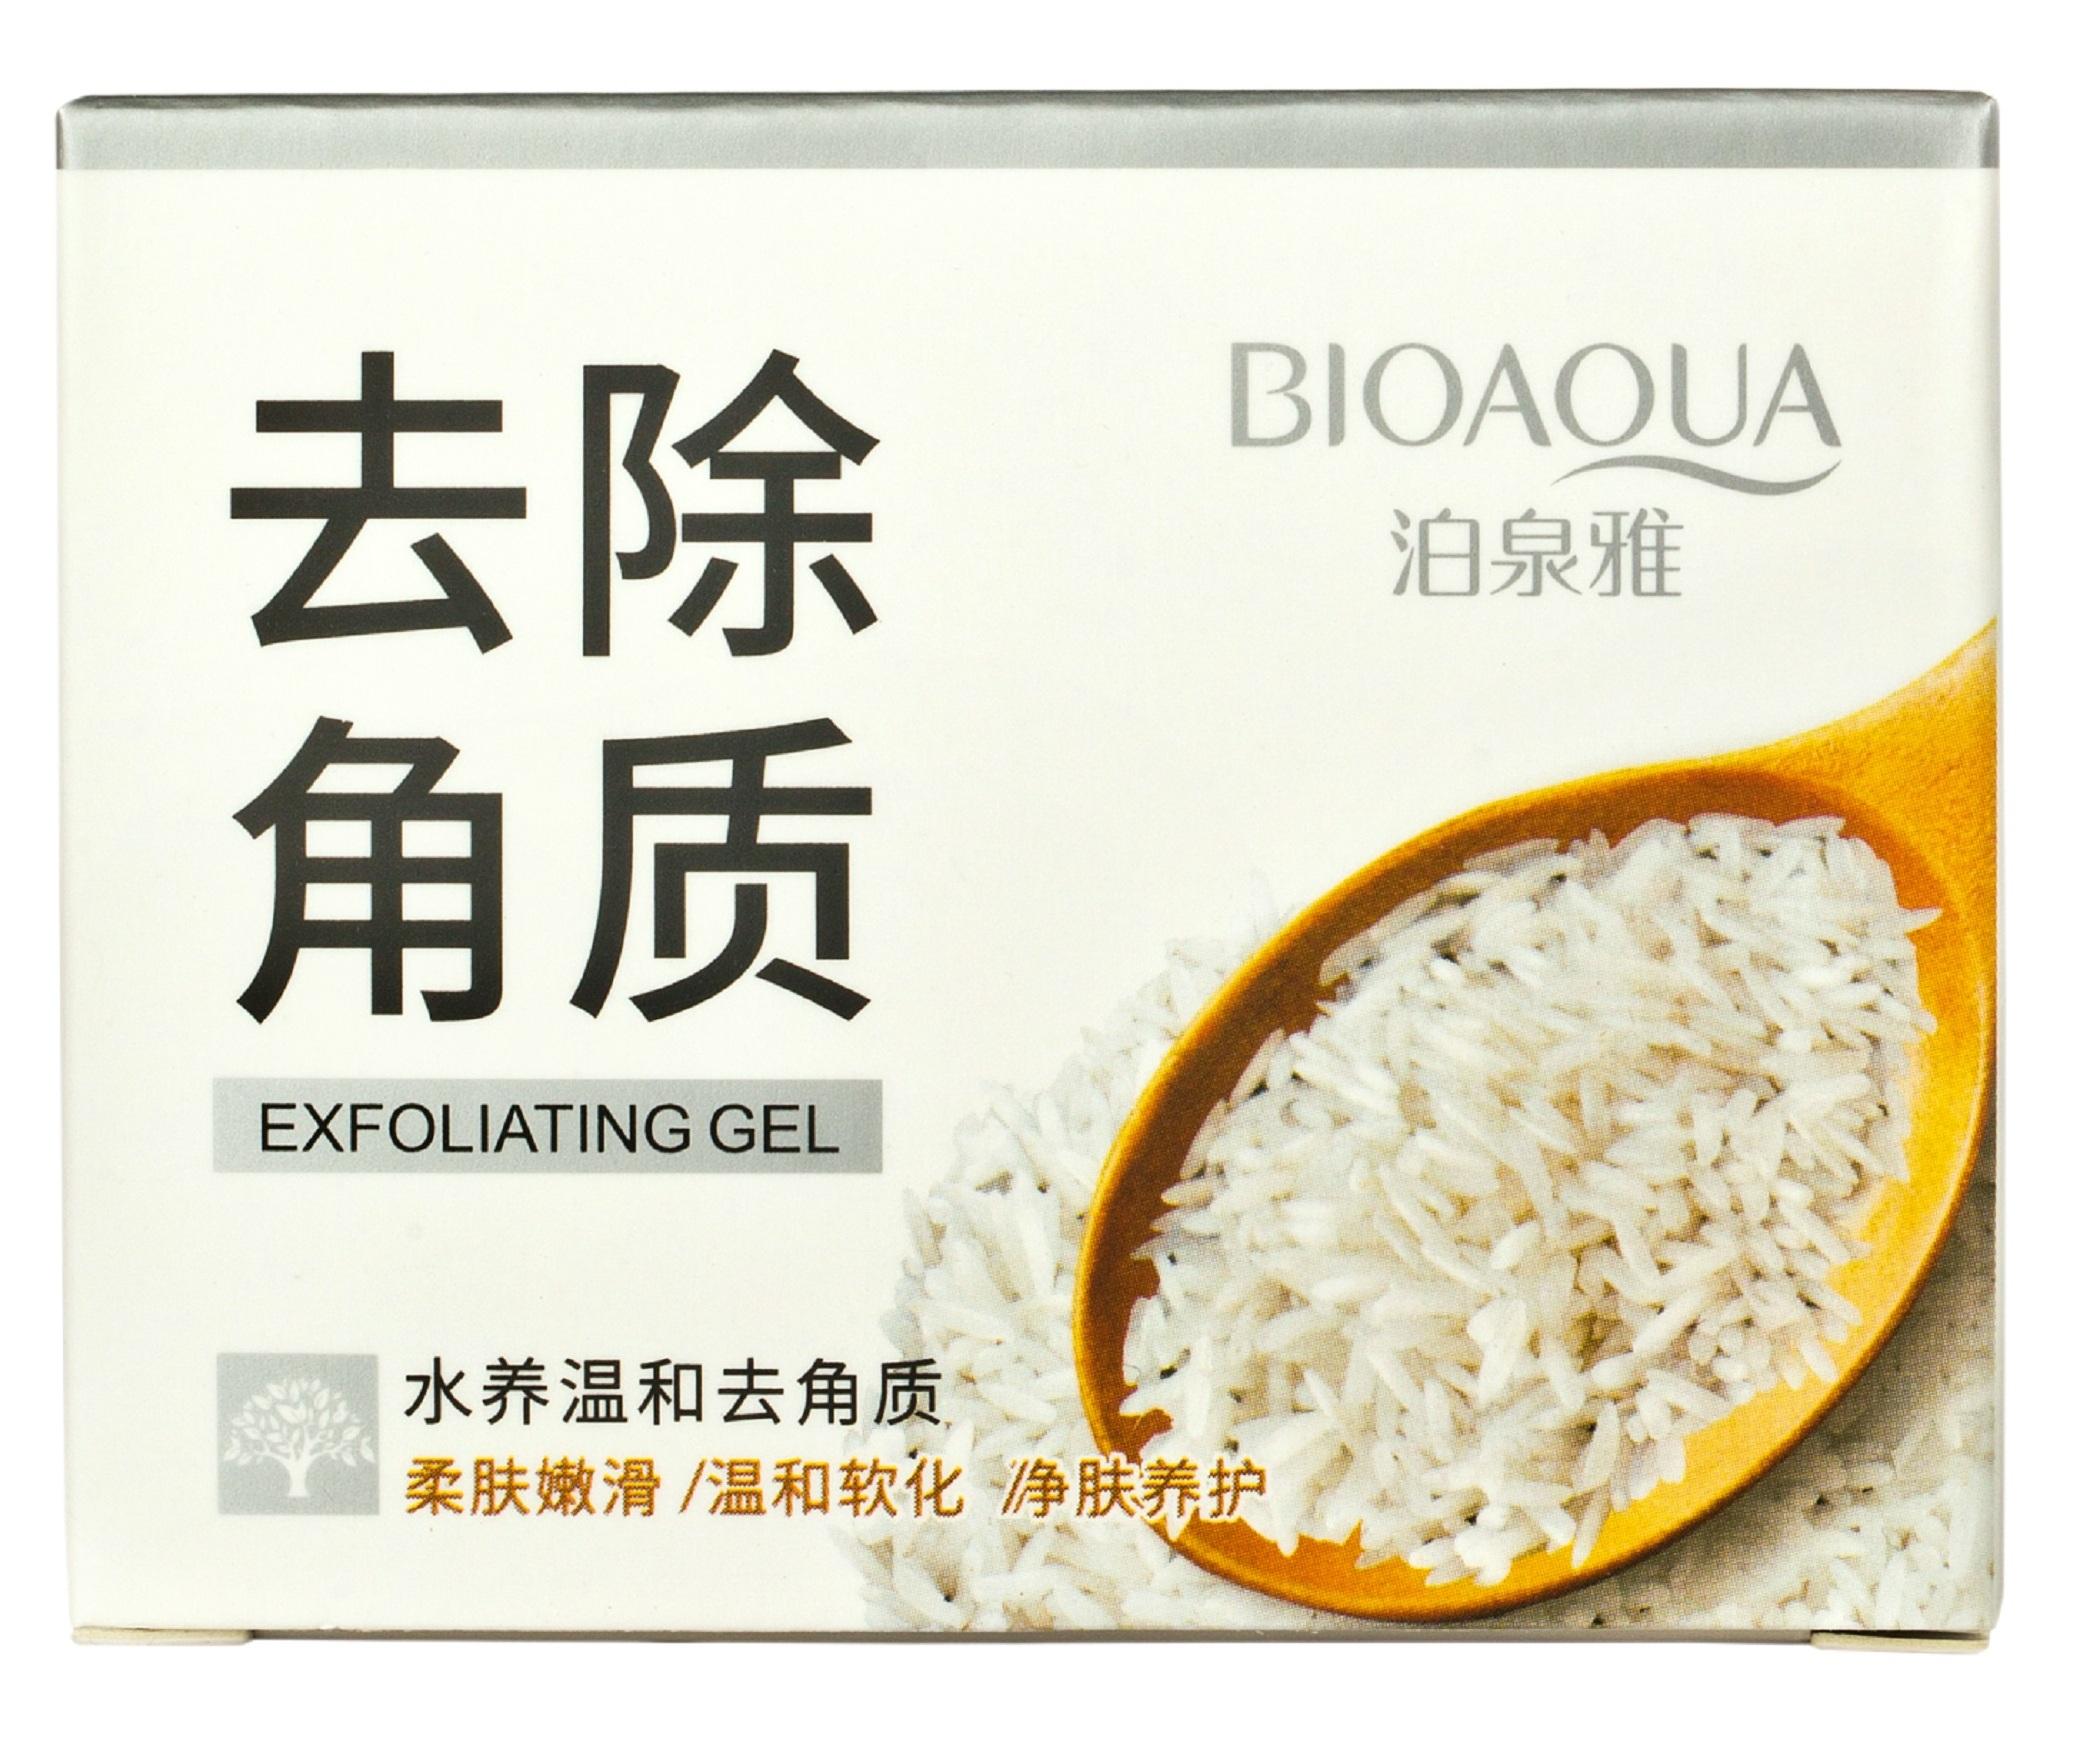 BIOAQUA Гель отшелушивающий с рисом для лица 140 г